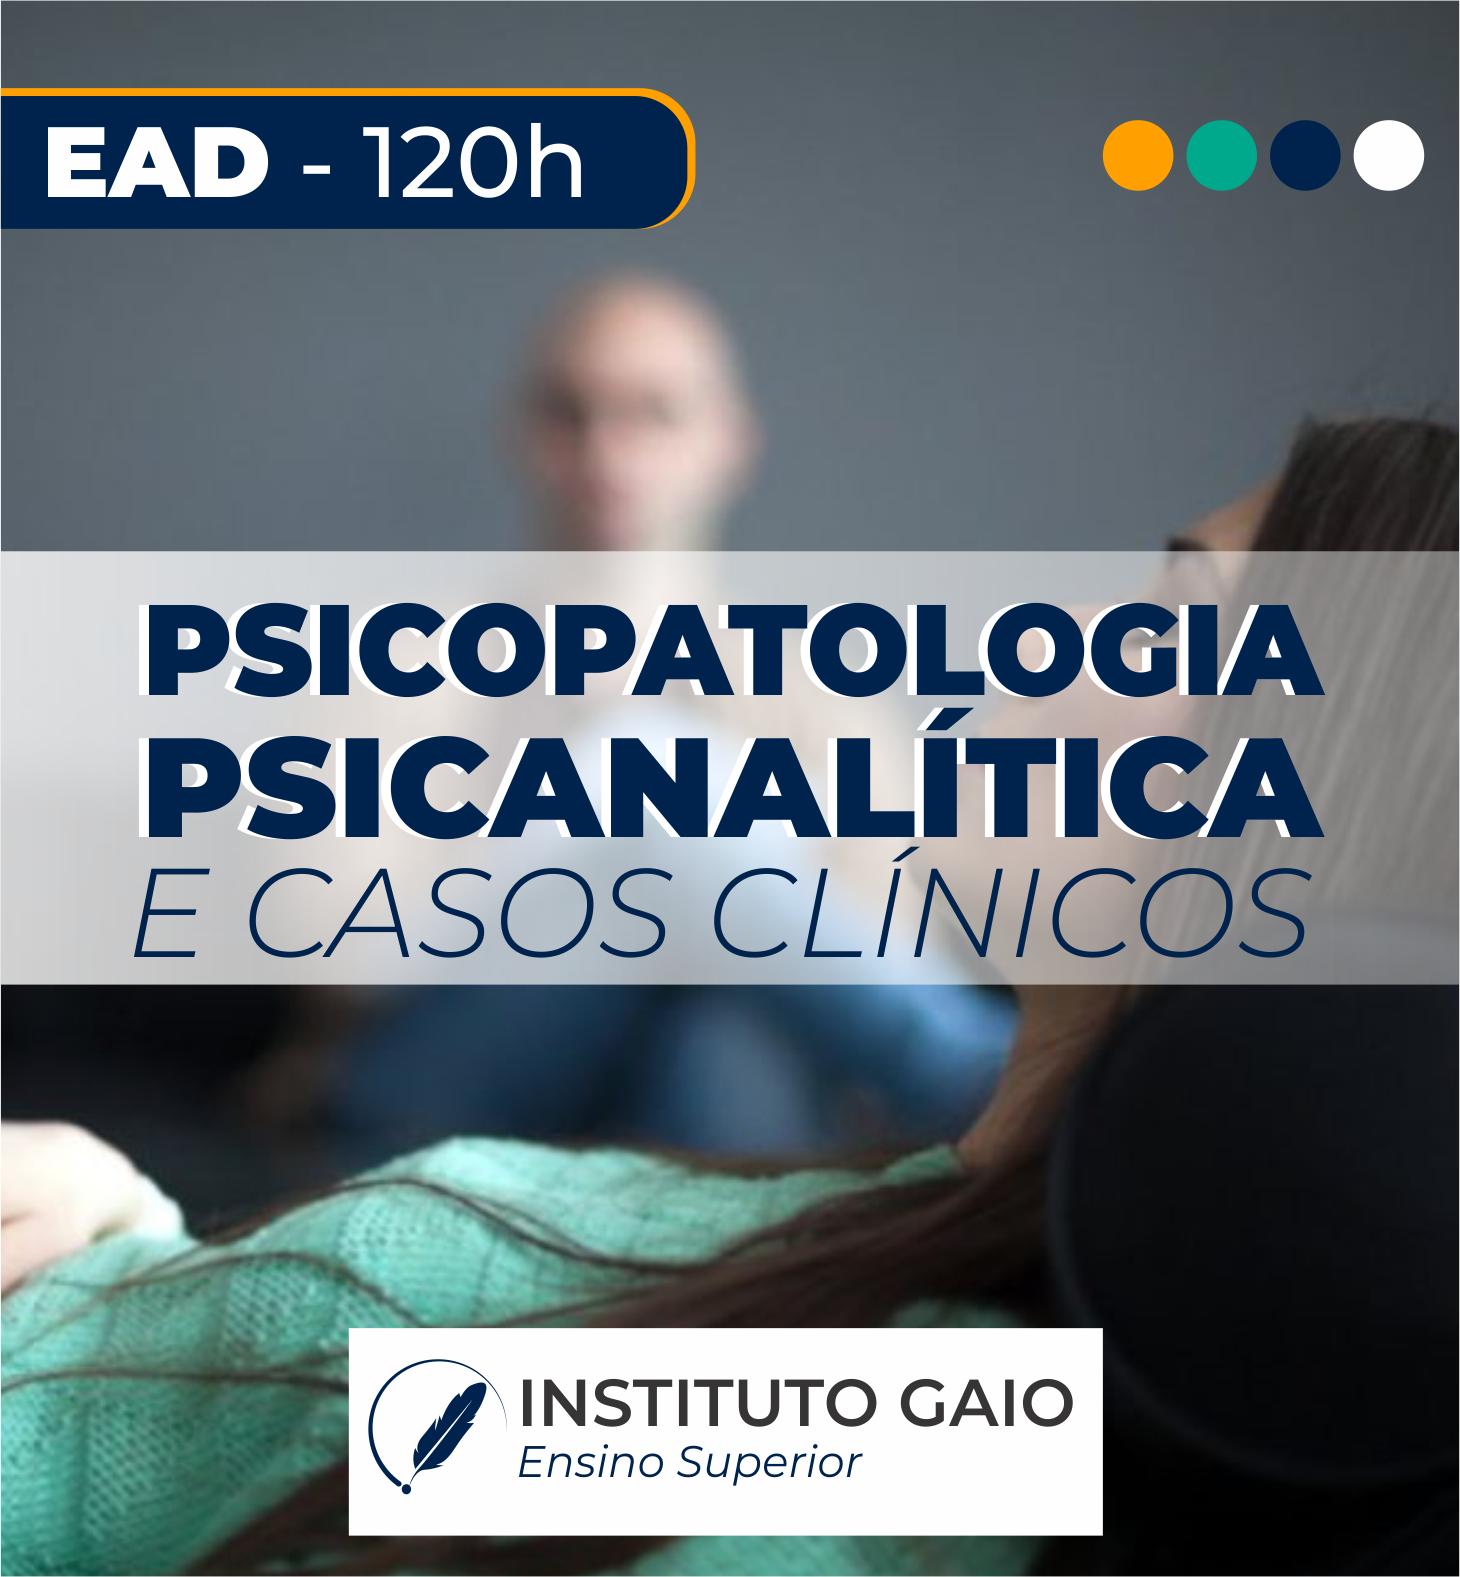 PSICOPATOLOGIA PSICANALÍTICA E CASOS CLÍNICOS – 120h – EAD